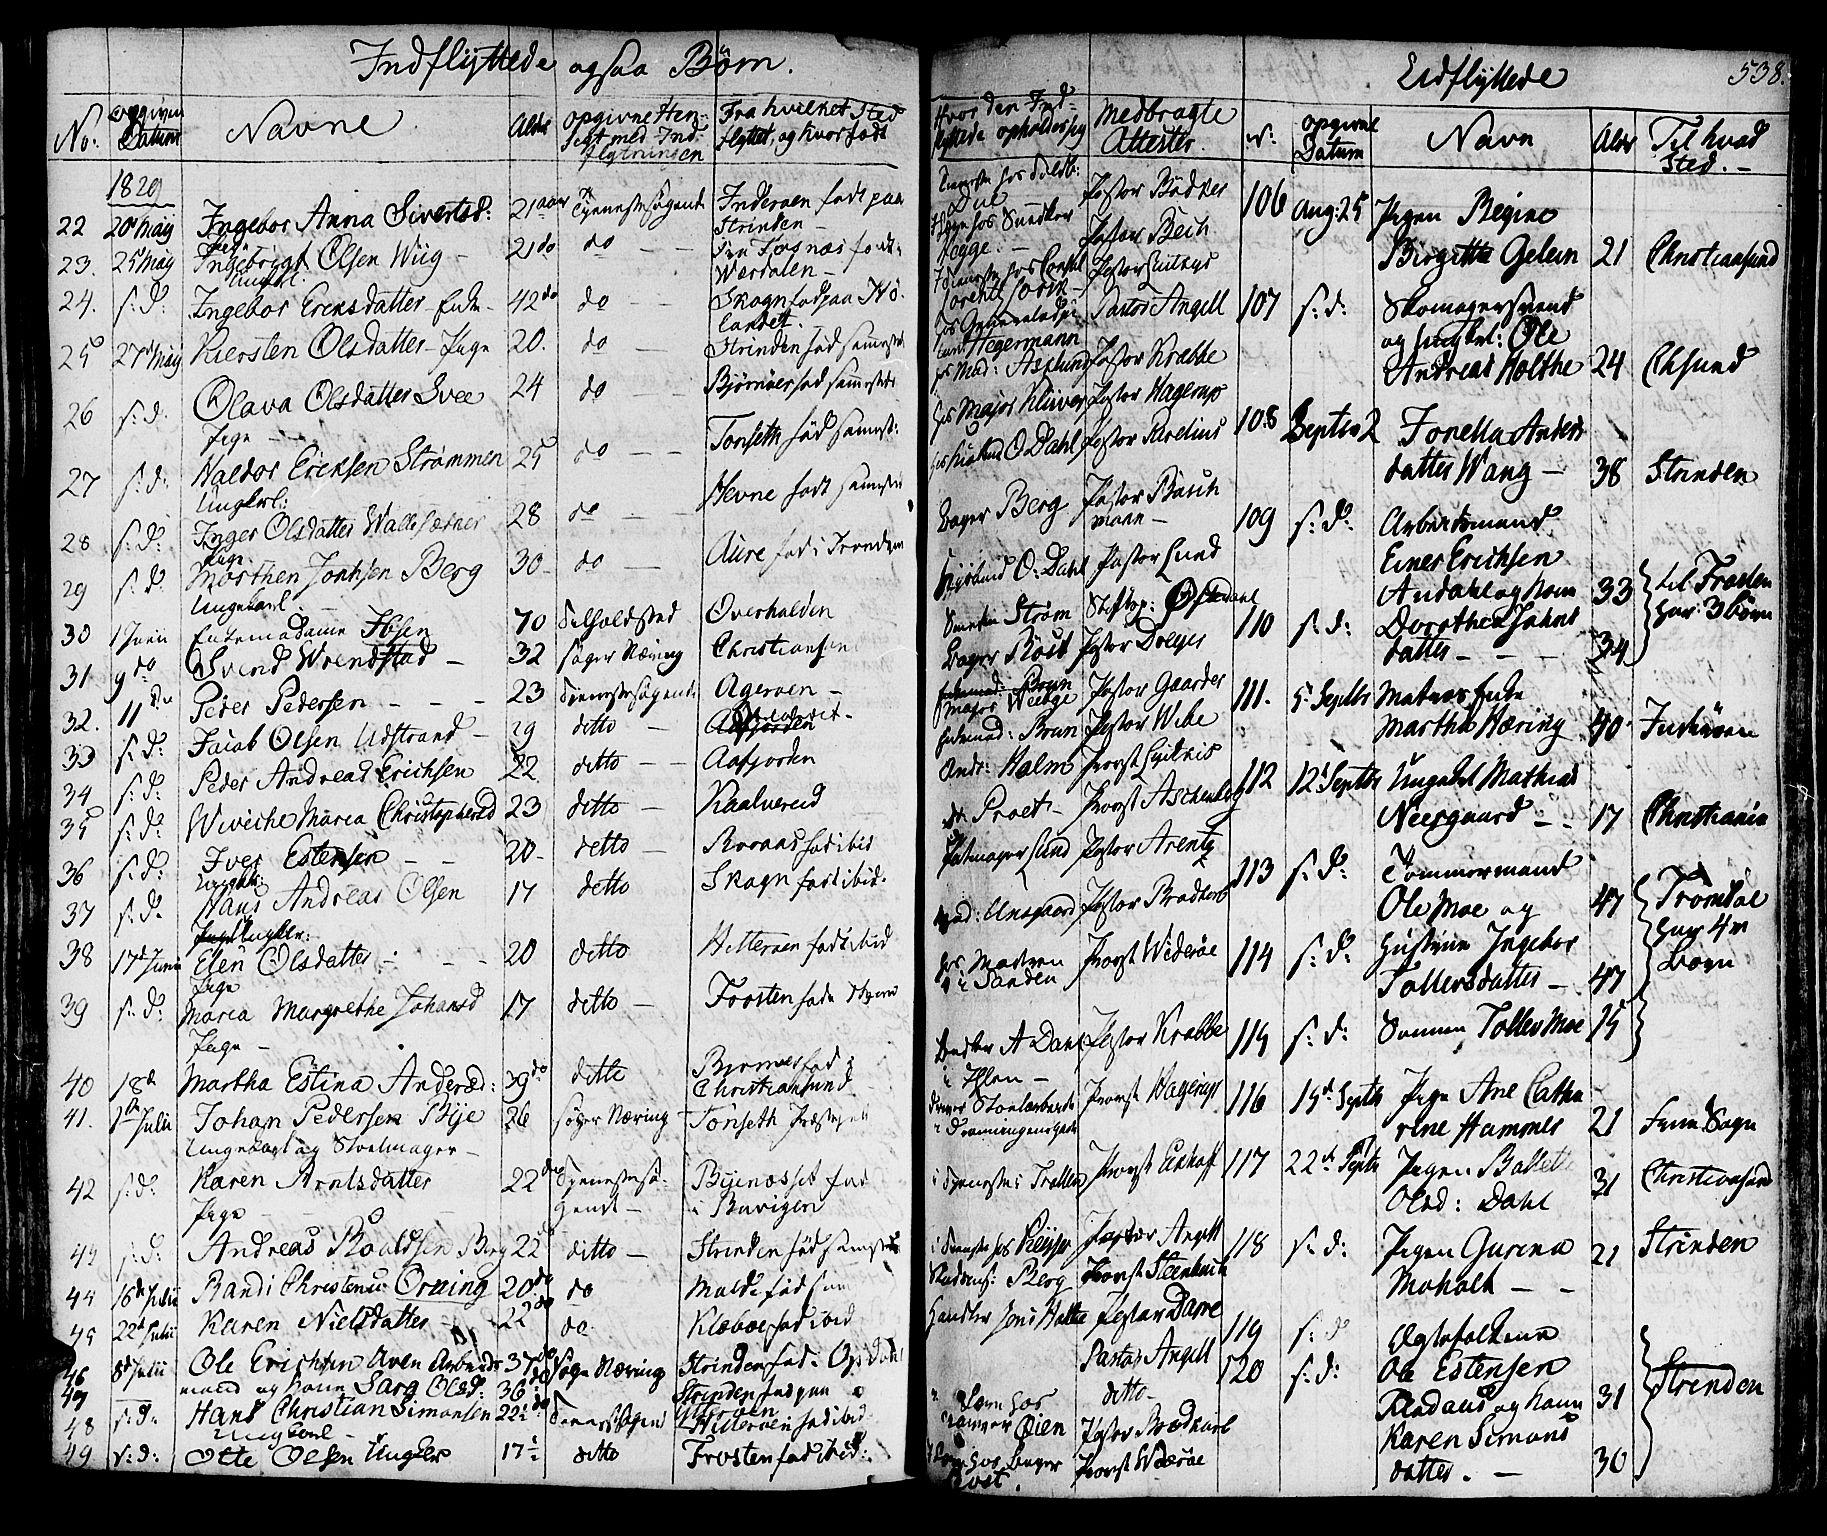 SAT, Ministerialprotokoller, klokkerbøker og fødselsregistre - Sør-Trøndelag, 601/L0045: Ministerialbok nr. 601A13, 1821-1831, s. 538